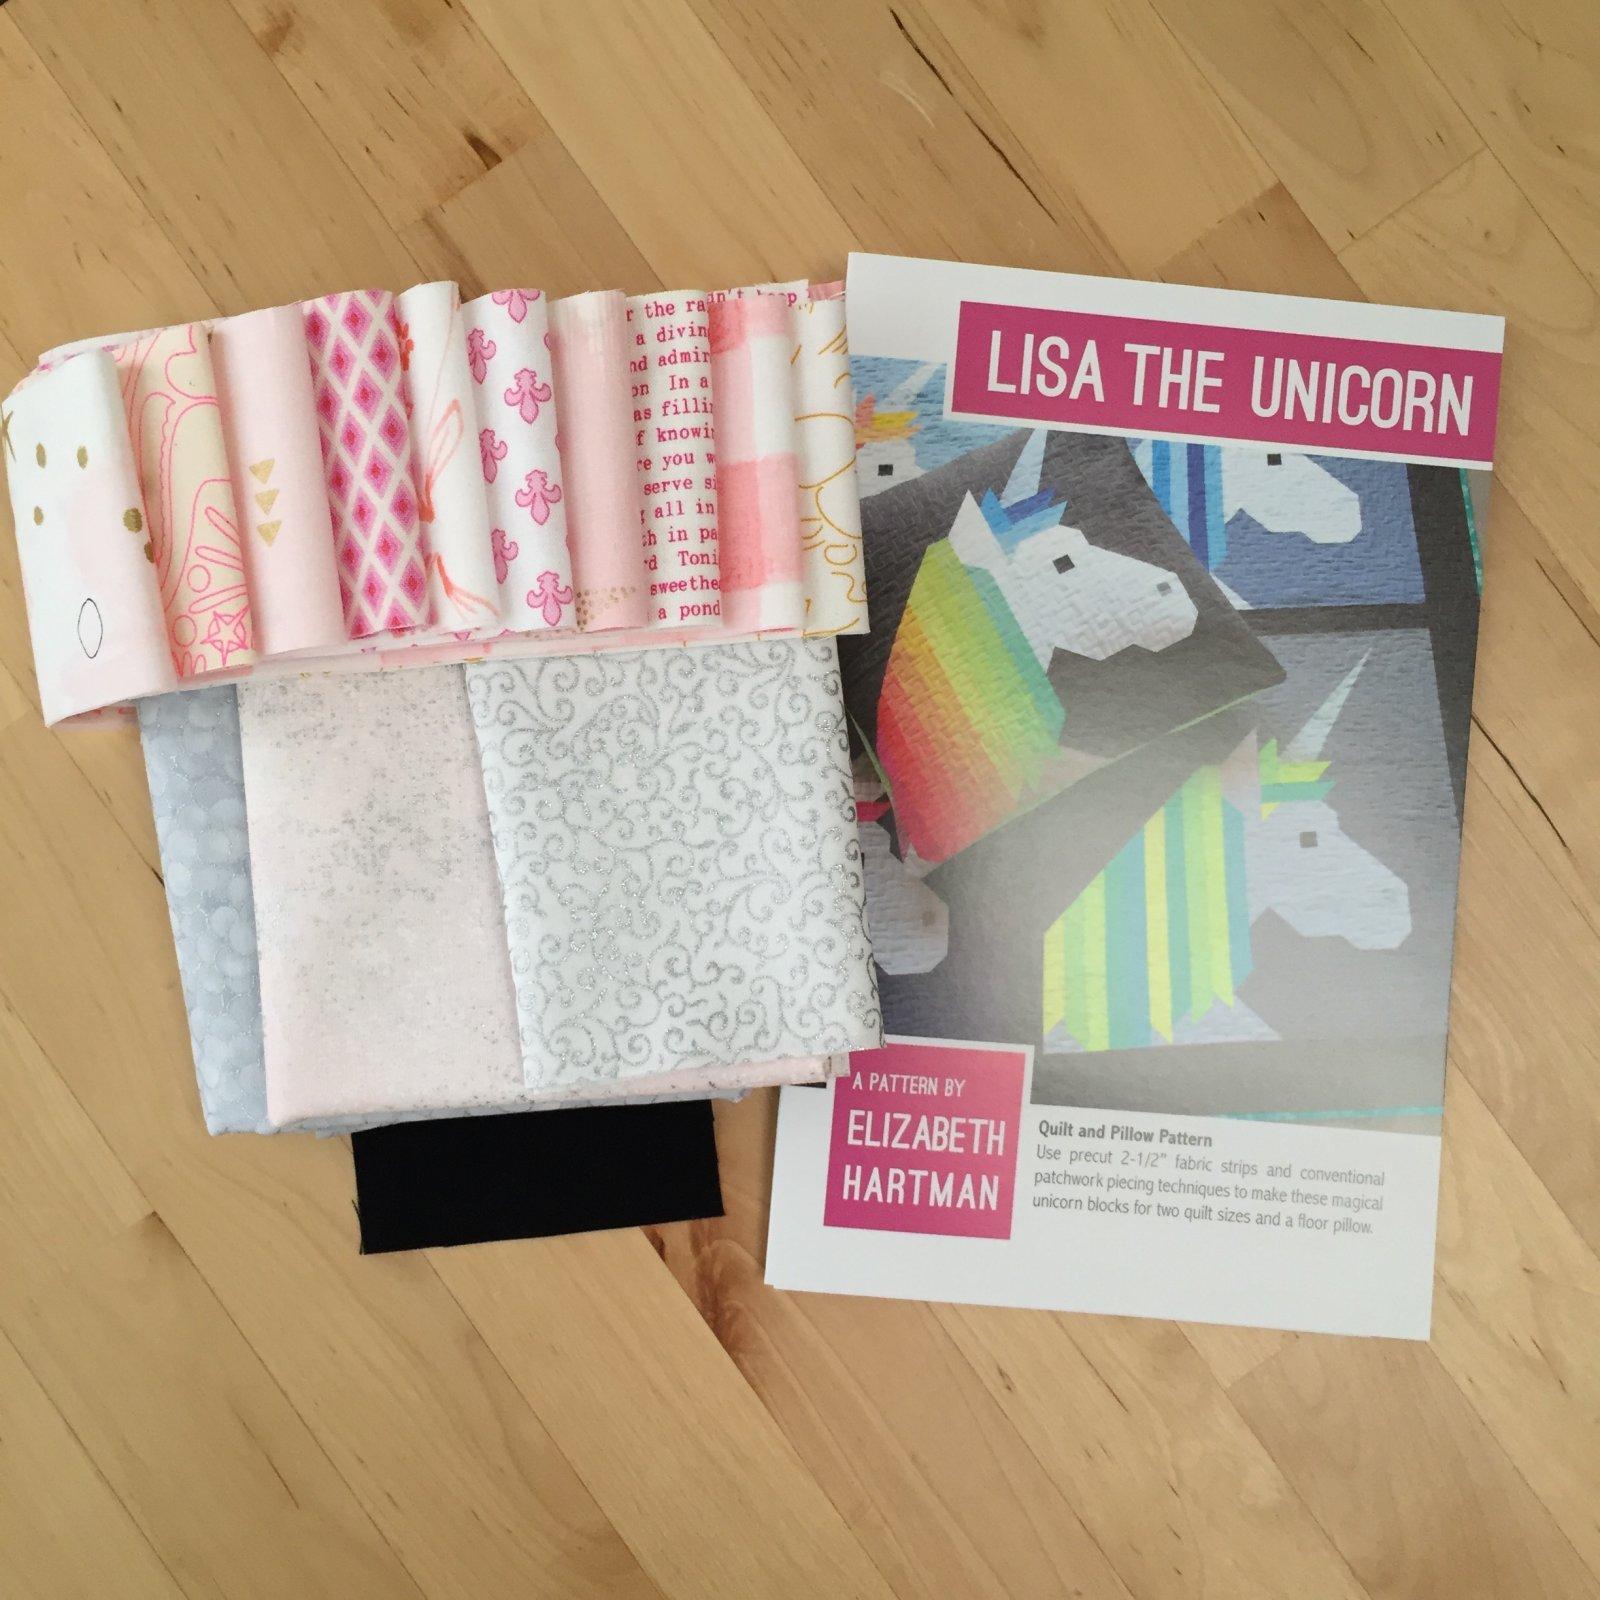 Lisa the Unicorn Glitter Pink Wall Hanging Kit 26 x 26